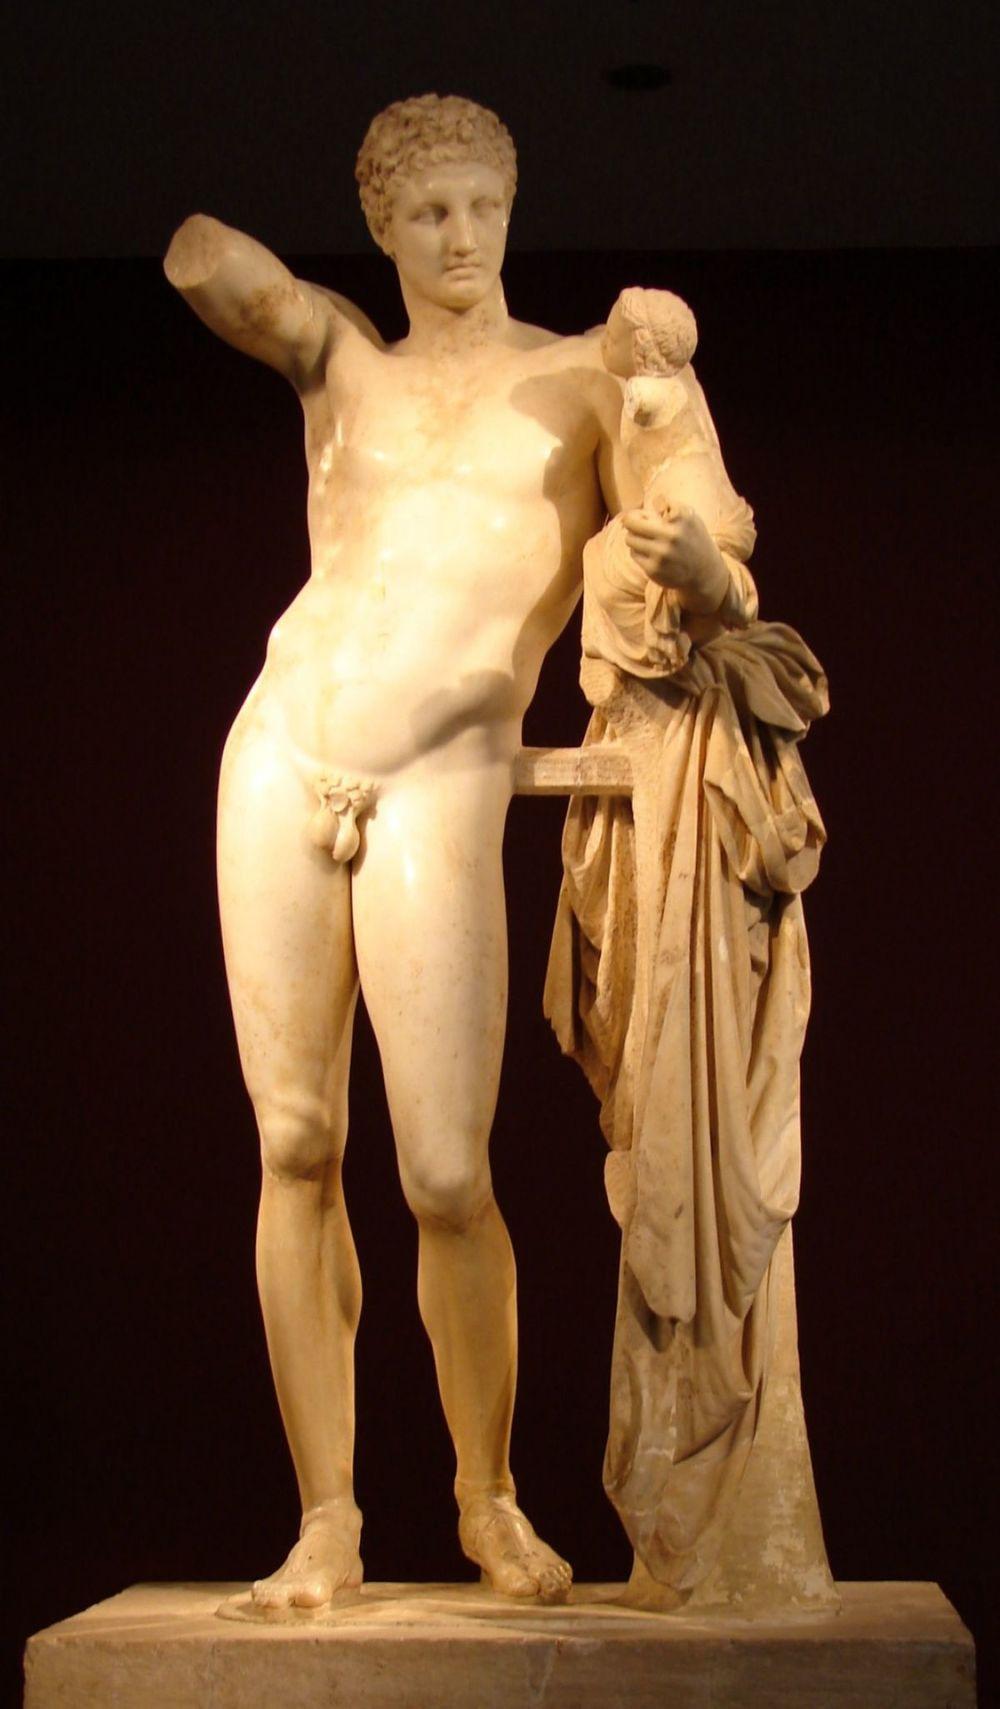 Escultura Griega Caracteristicas es Una Escultura Griega de